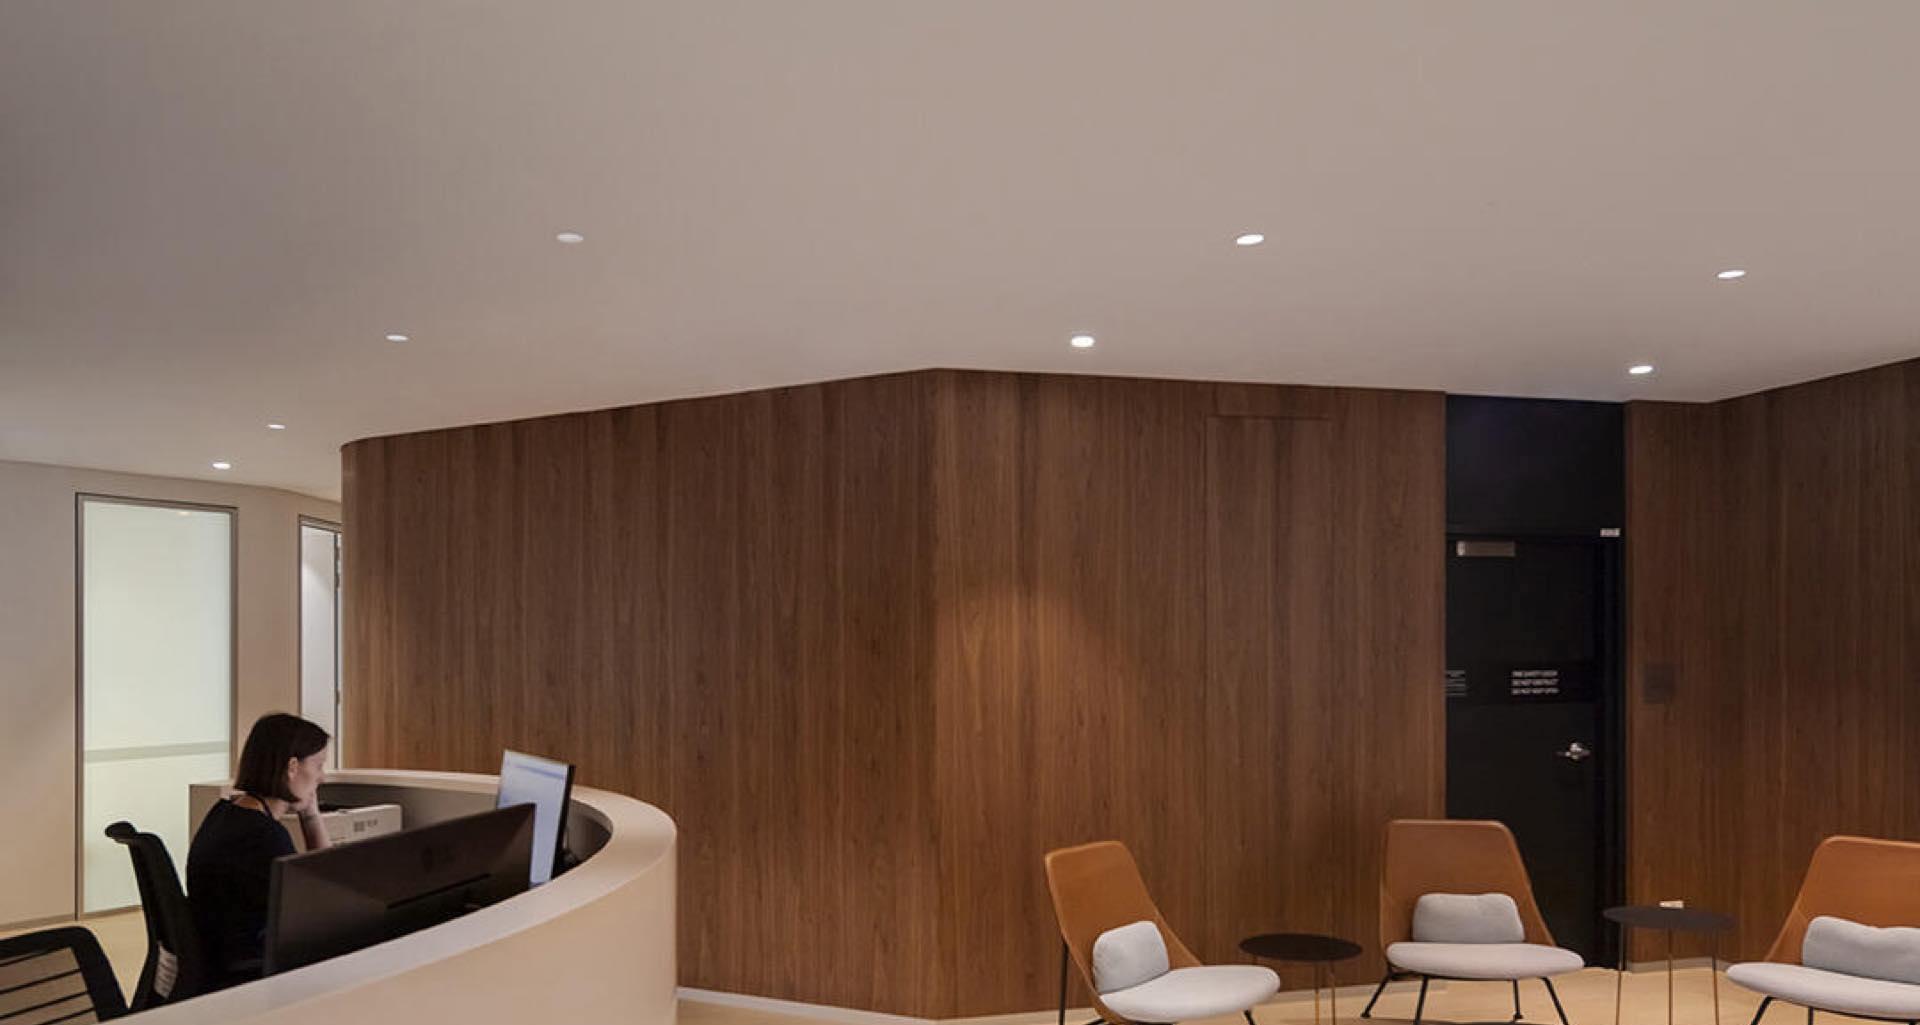 DECOARLUS. Apliques, plafones y downlights para crear ambientes interiores confortables